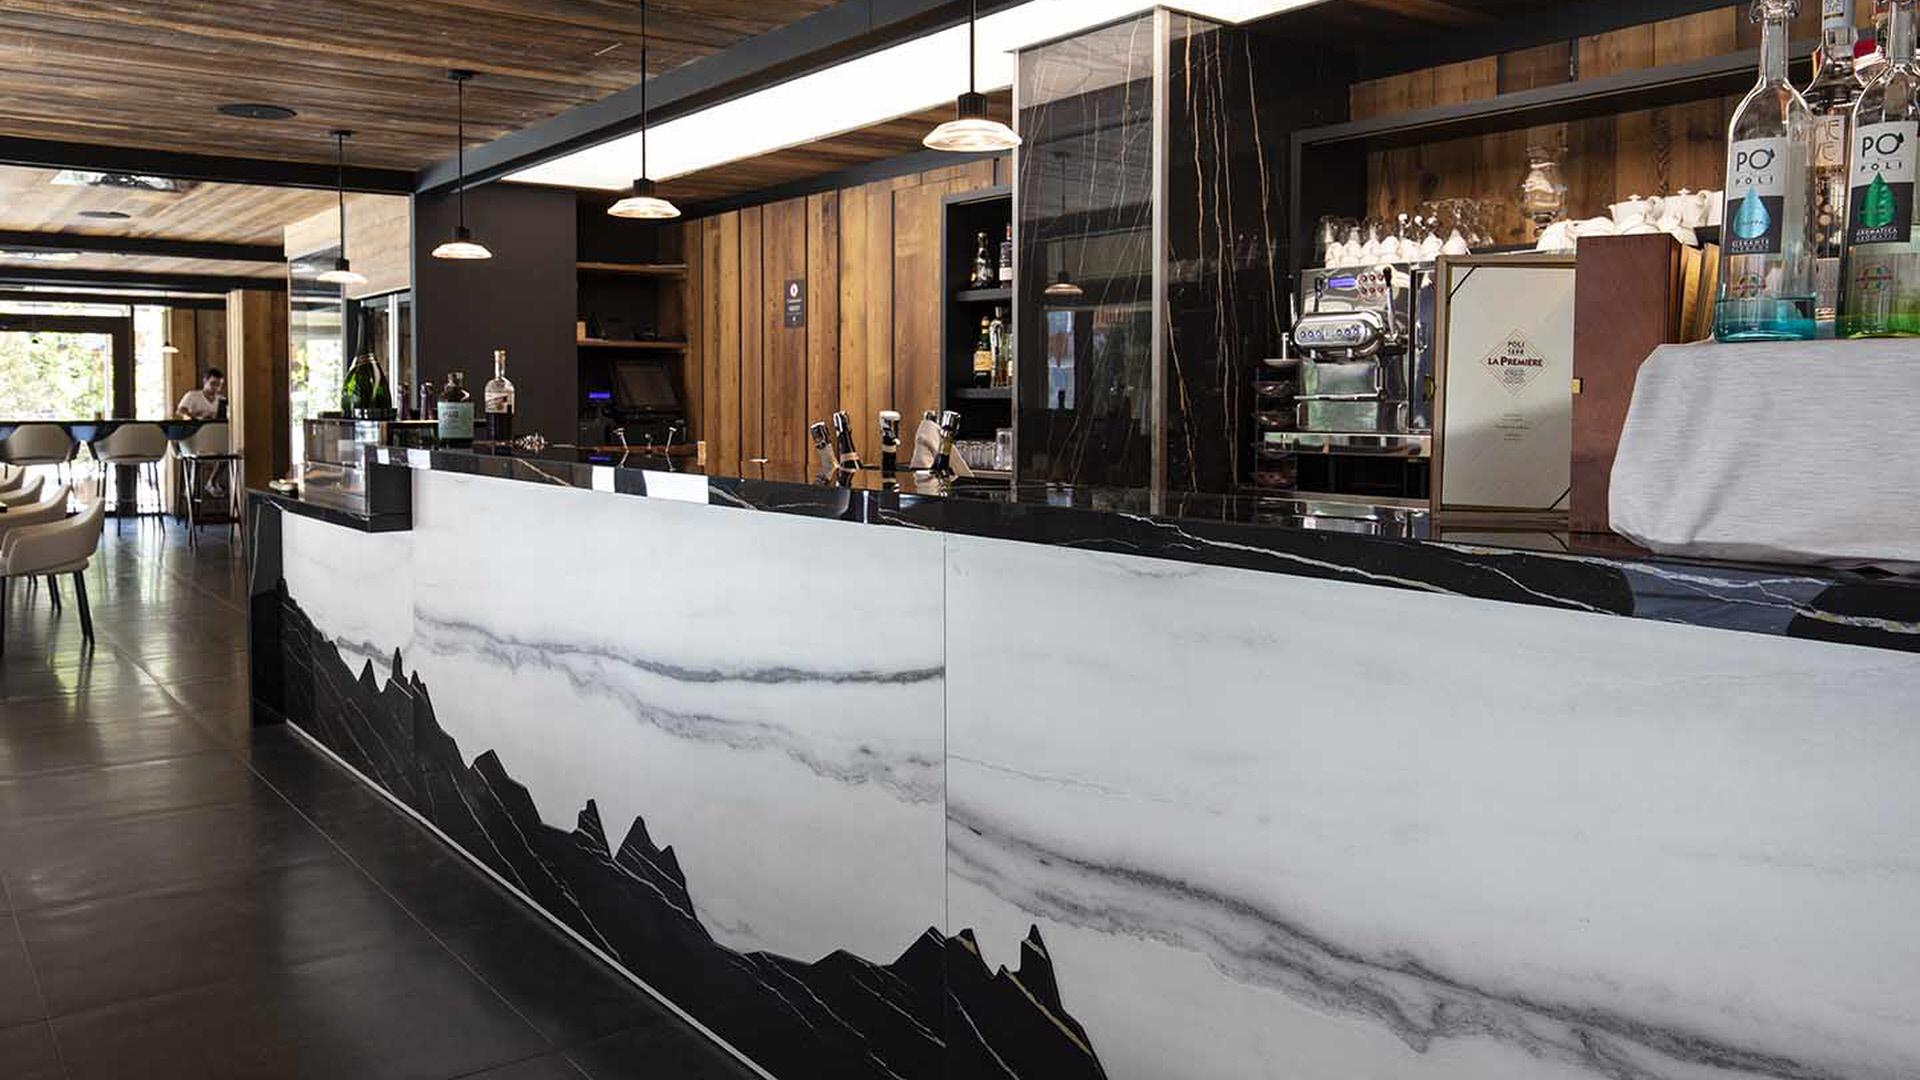 Recepční a barové pulty | Speciální výroba | Koupelny ČERO